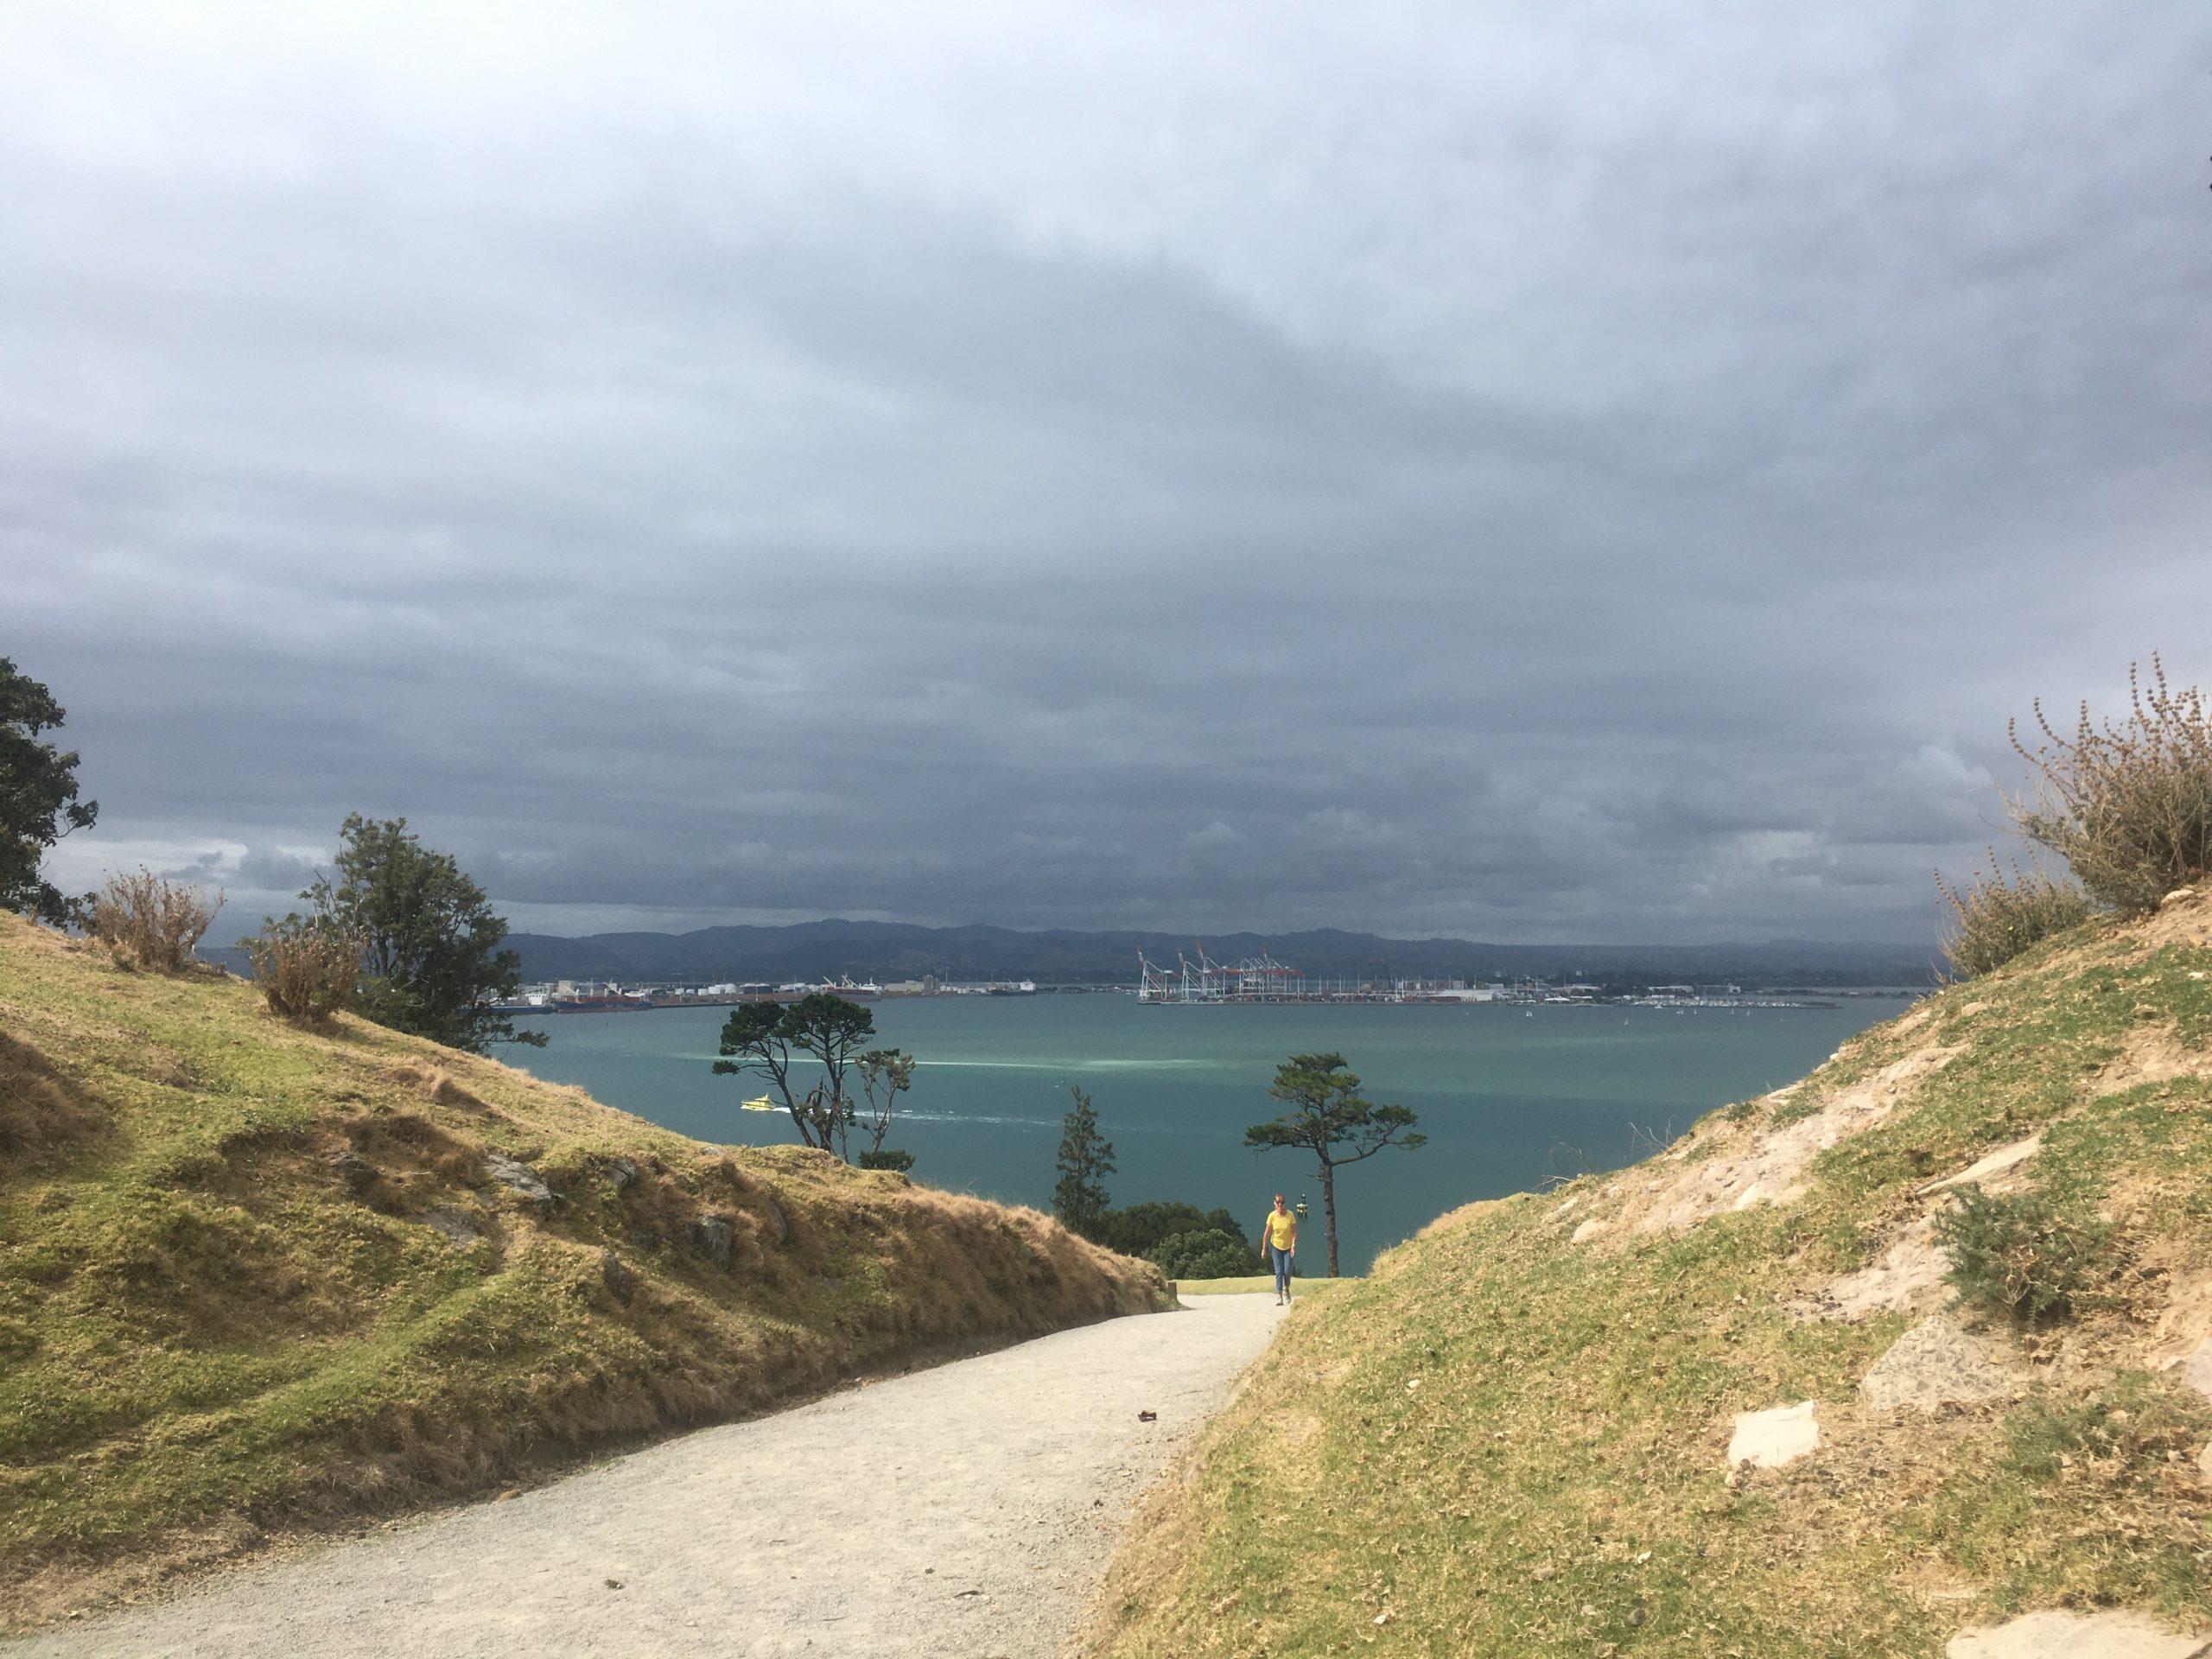 Port of Tauranga as seen from Mount Manganui